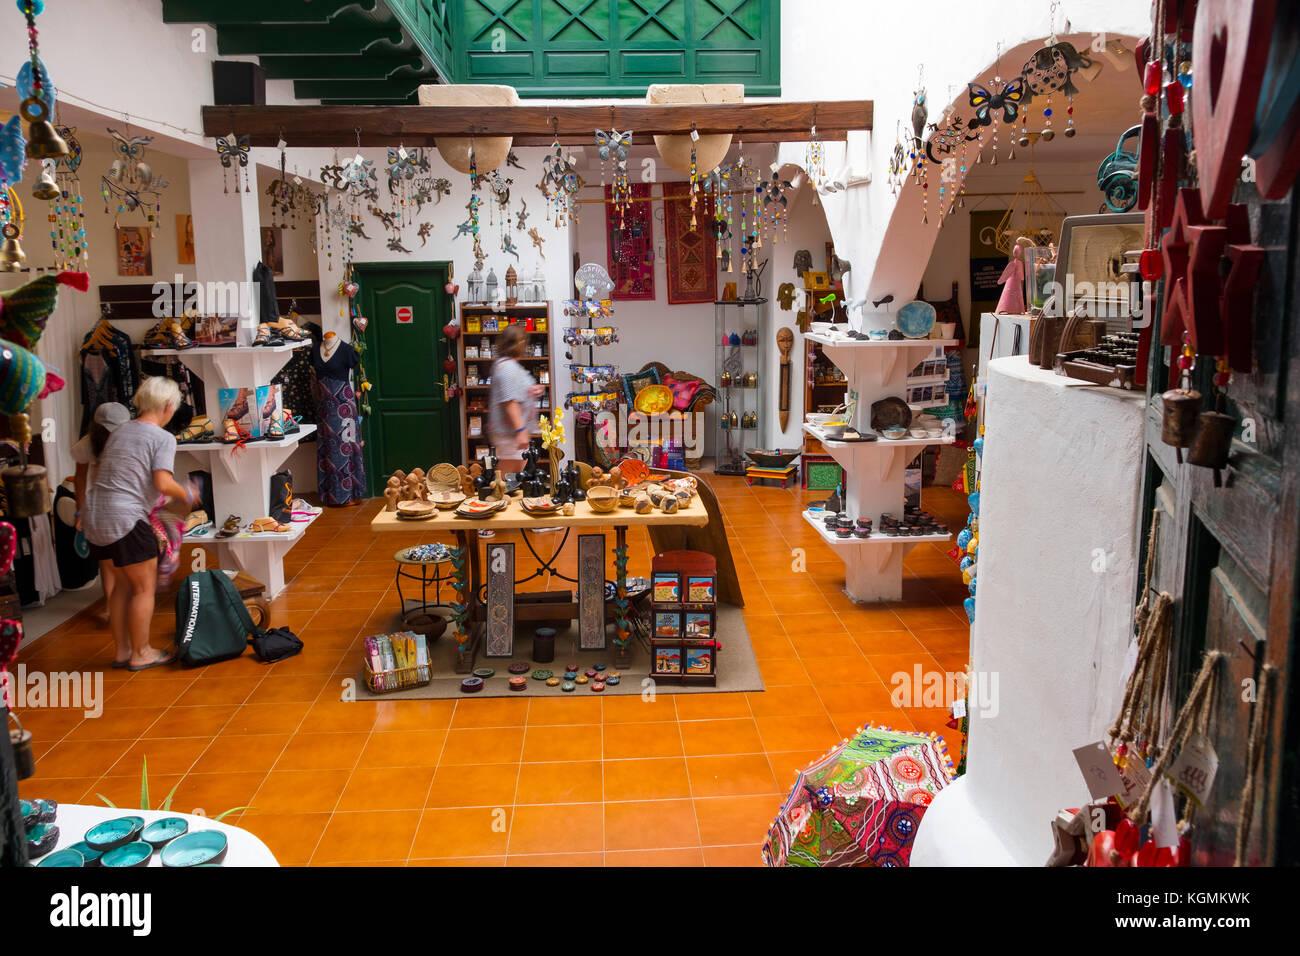 Straße Markt in Teguise, Lanzarote, Kanarische Inseln, Spanien Europa Stockbild